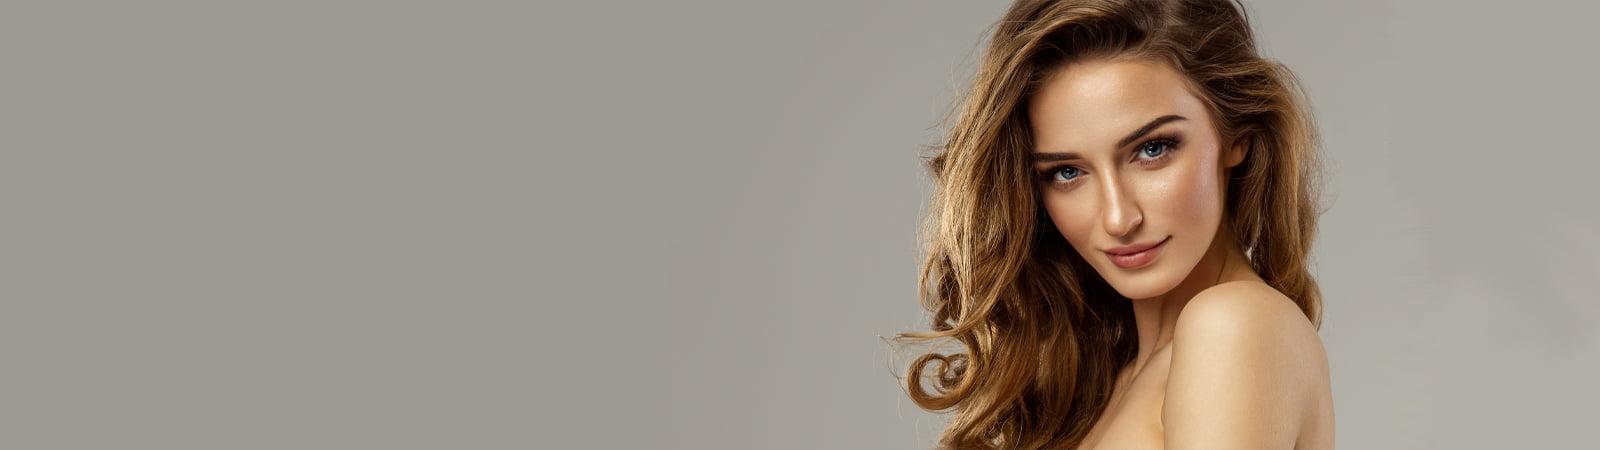 Hair Growth Treatment Calgary